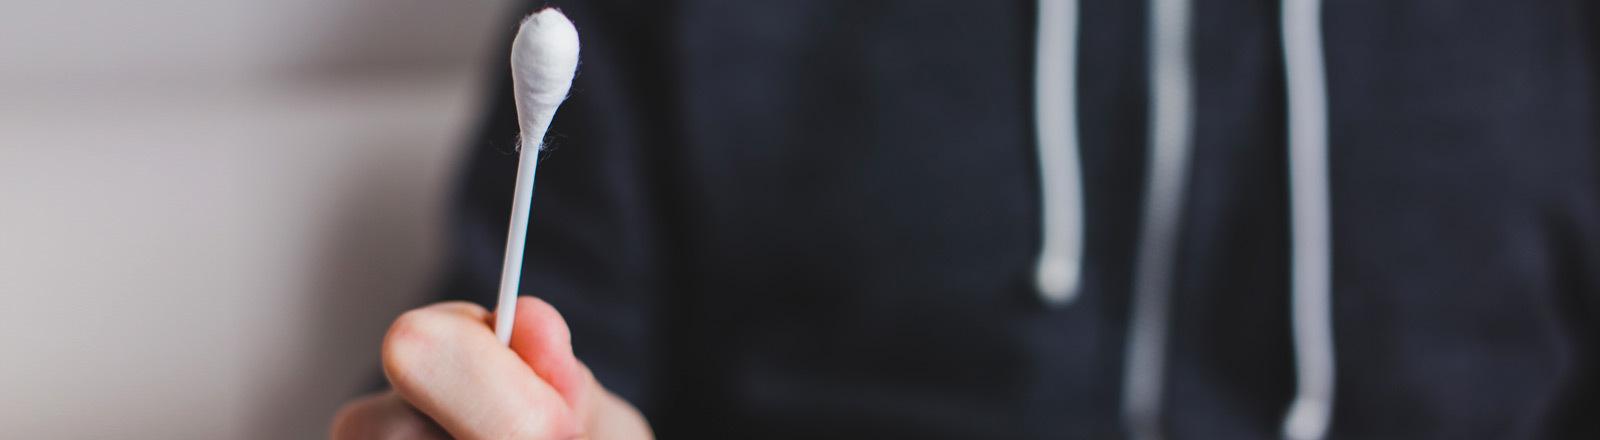 Ein Mann hält ein großes Wattestäbchen in der Hand.